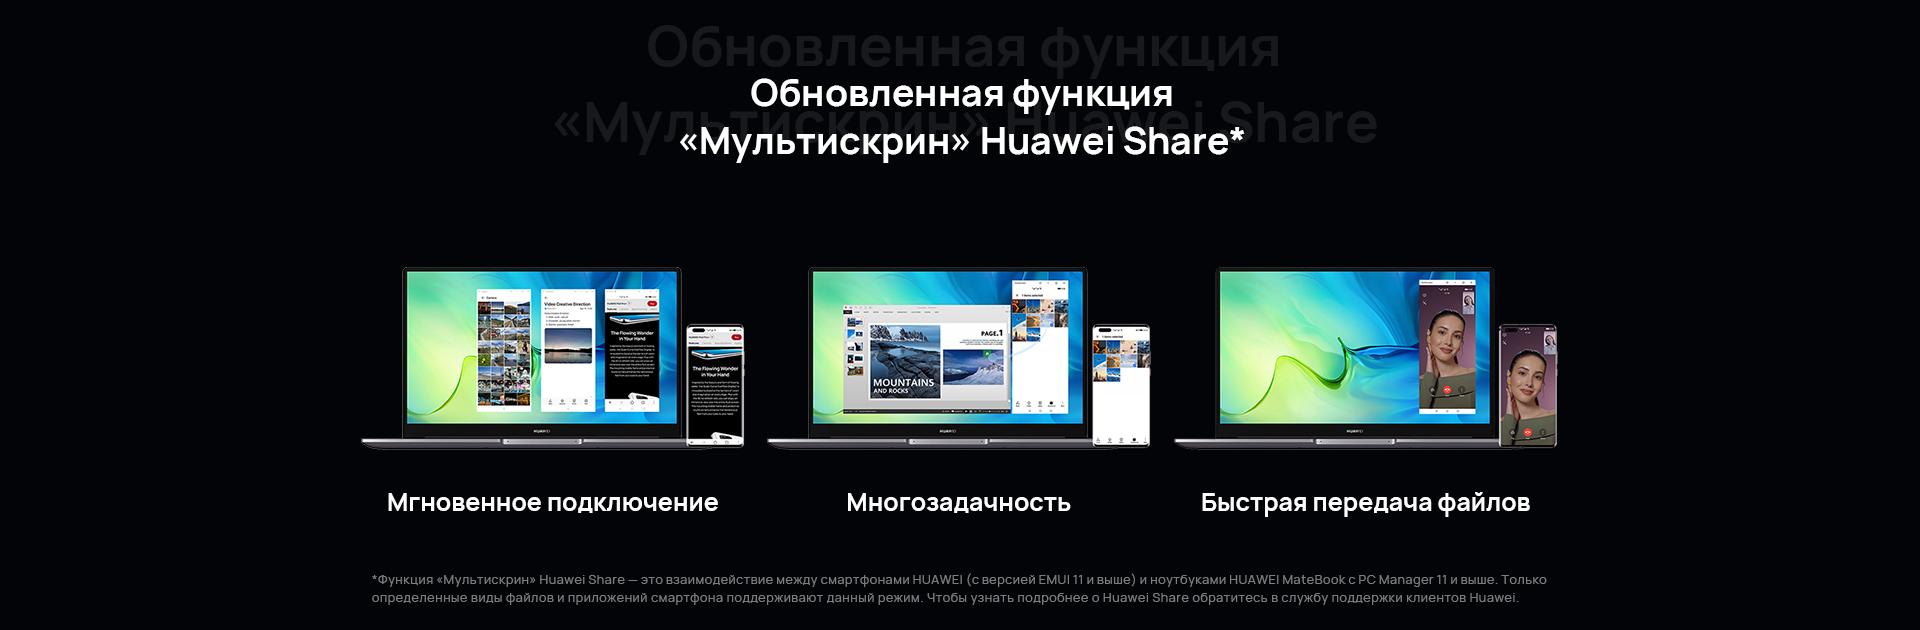 Huawei matebook Обновленная функция (Мультискрин) Huawei Share